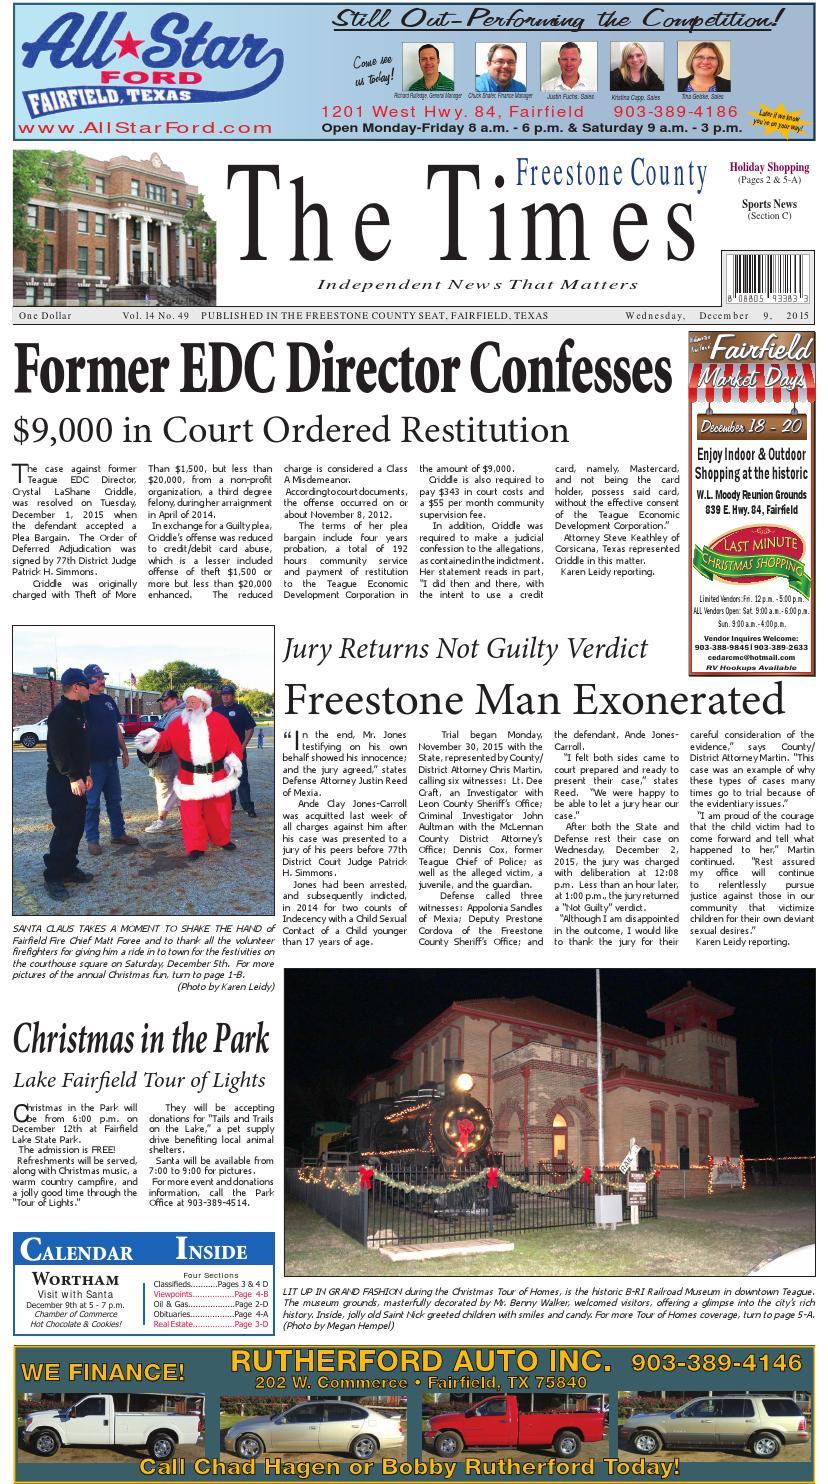 Freestonecountytimes120915 By Karen Leidy